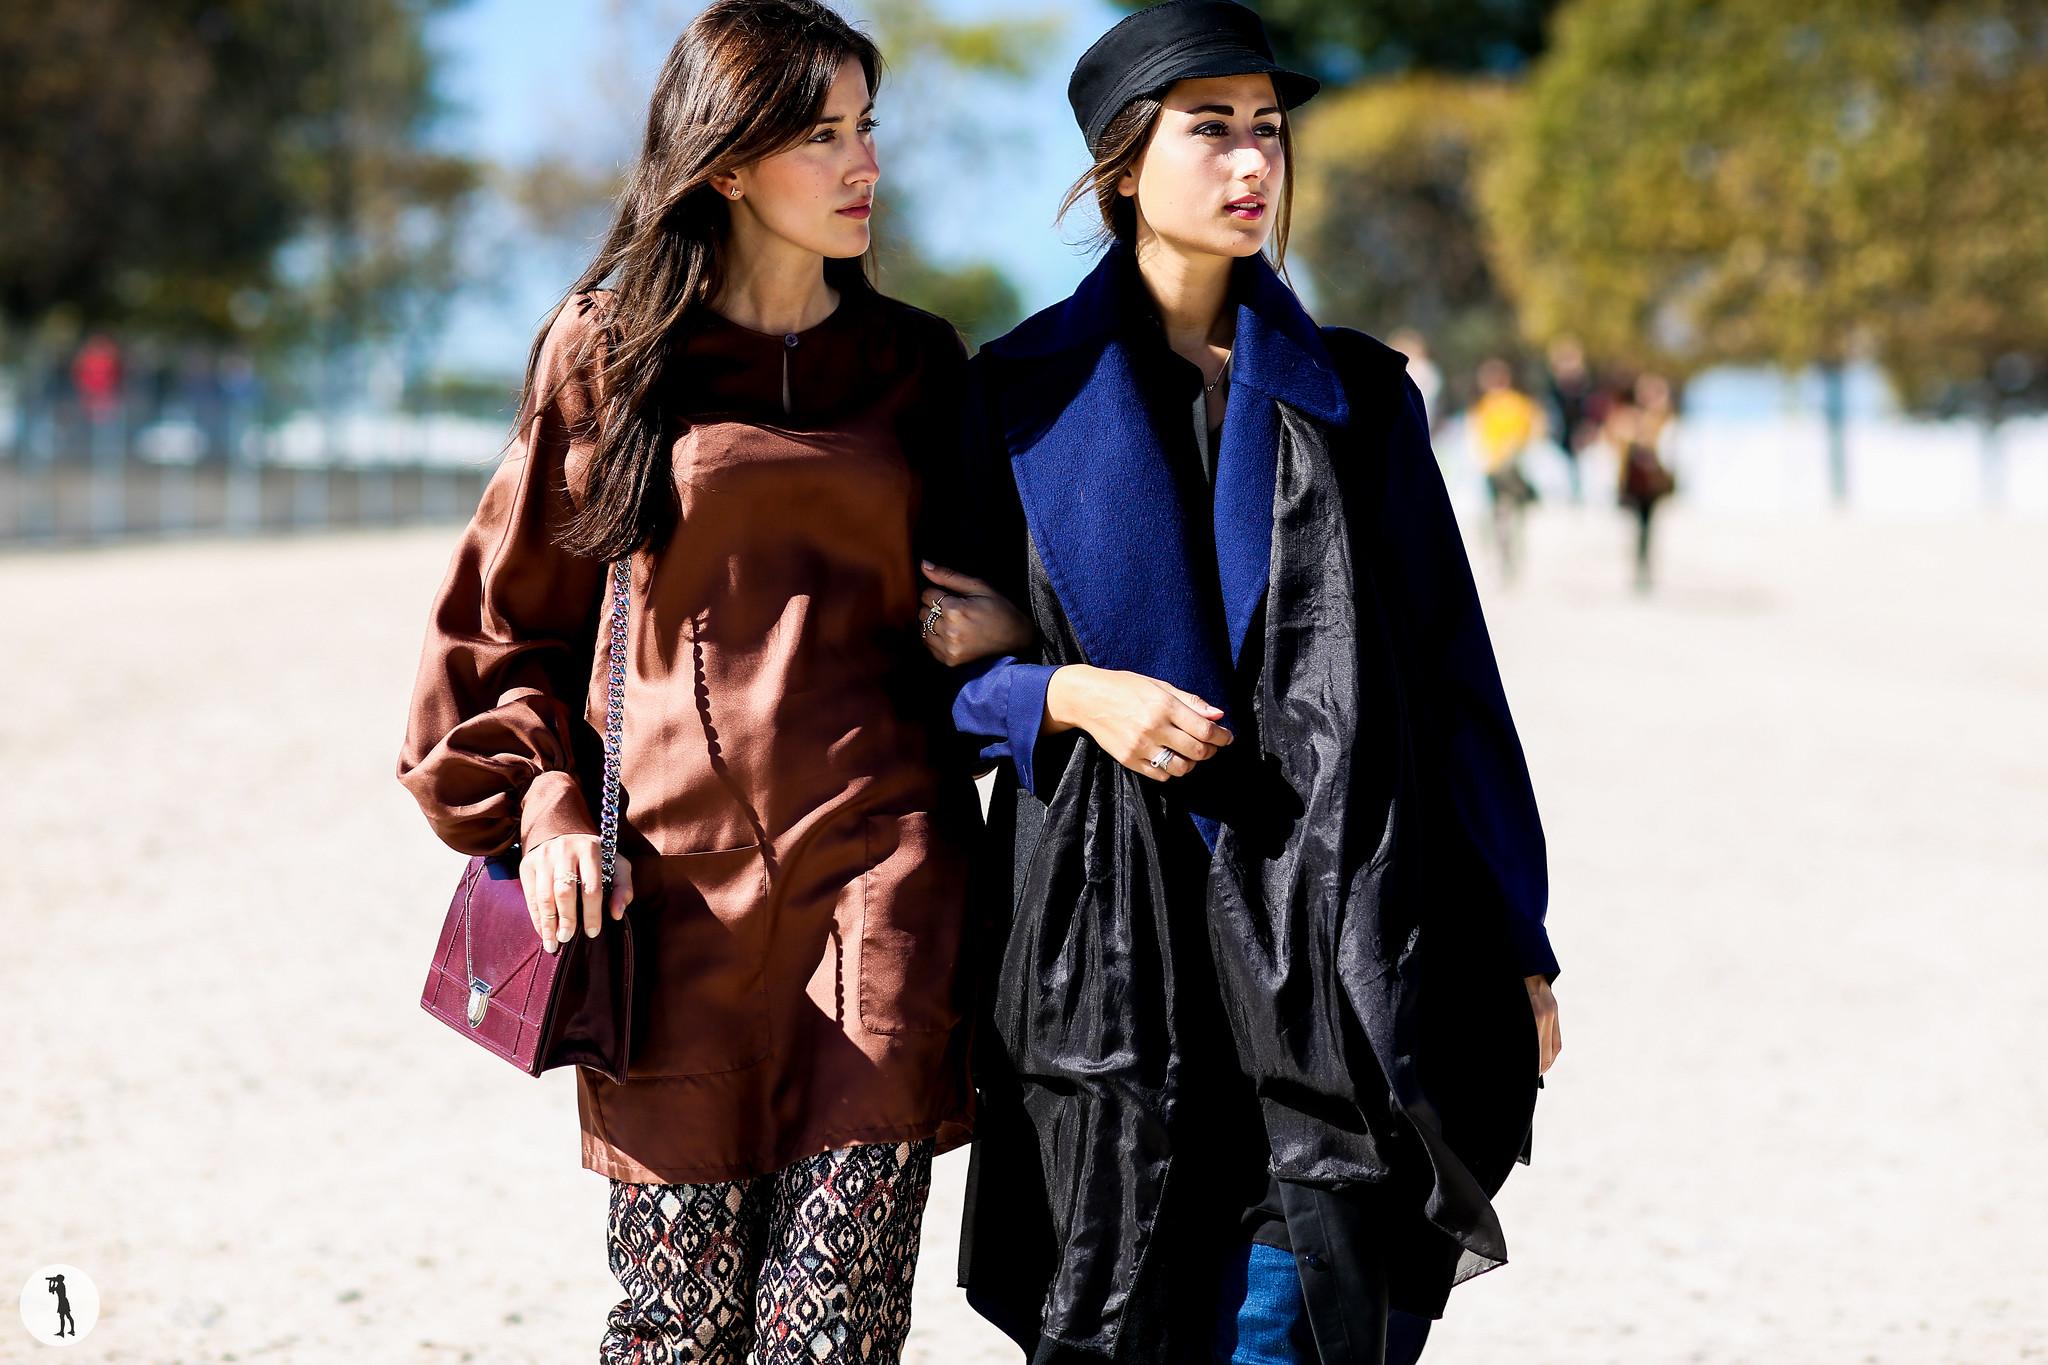 Sisters Sylvia and Julia Haghjoo at Paris Fashion Week-2